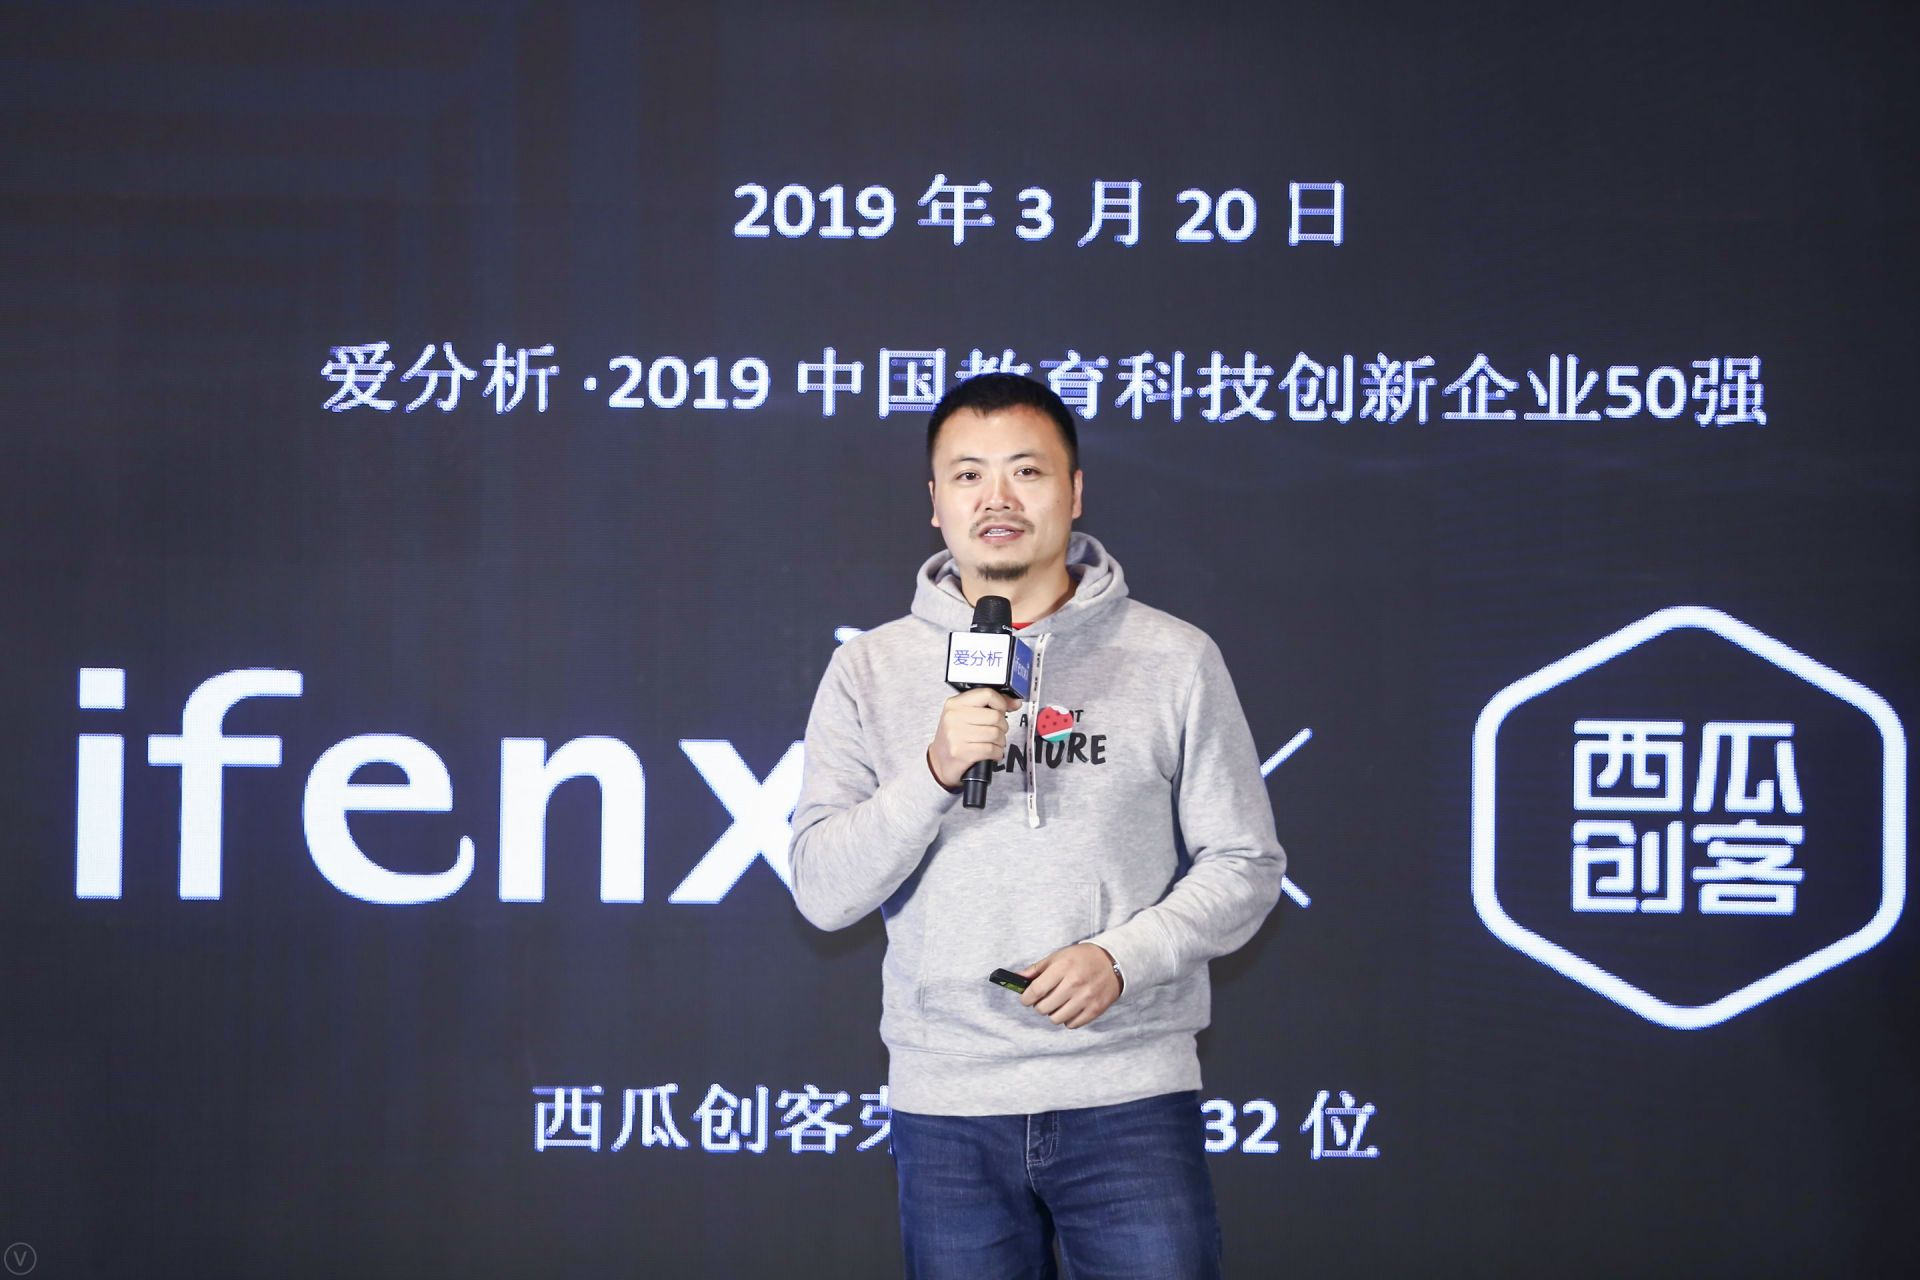 爱分析中国科技创新大会在京举行,揭秘四大领域优秀科技创新力量